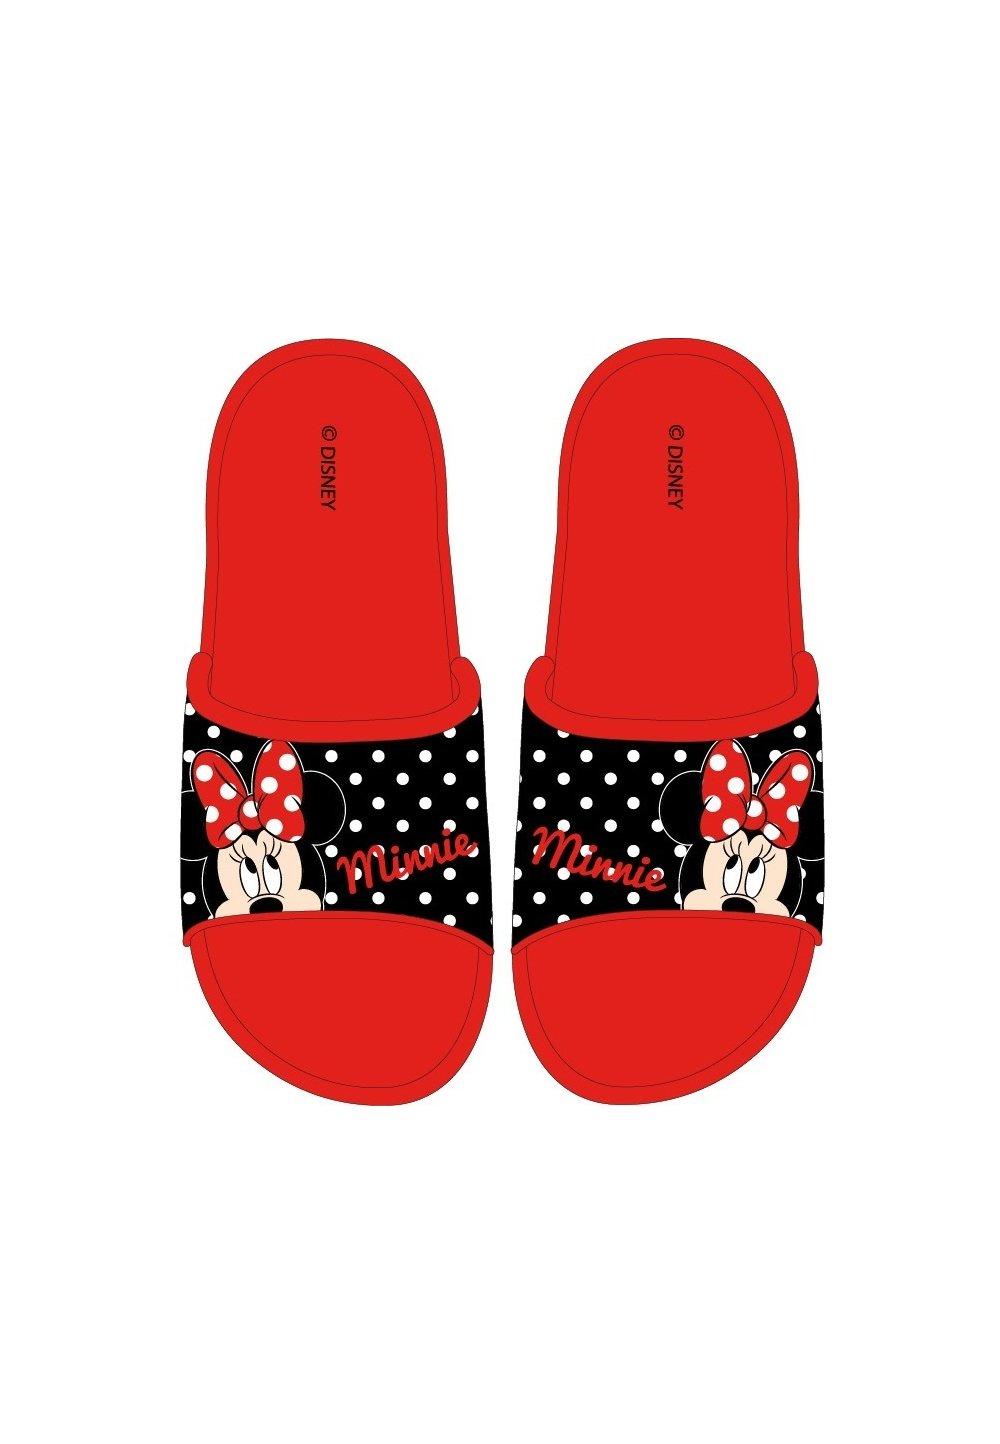 Papuci, Minnie Mouse, rosii cu buline imagine